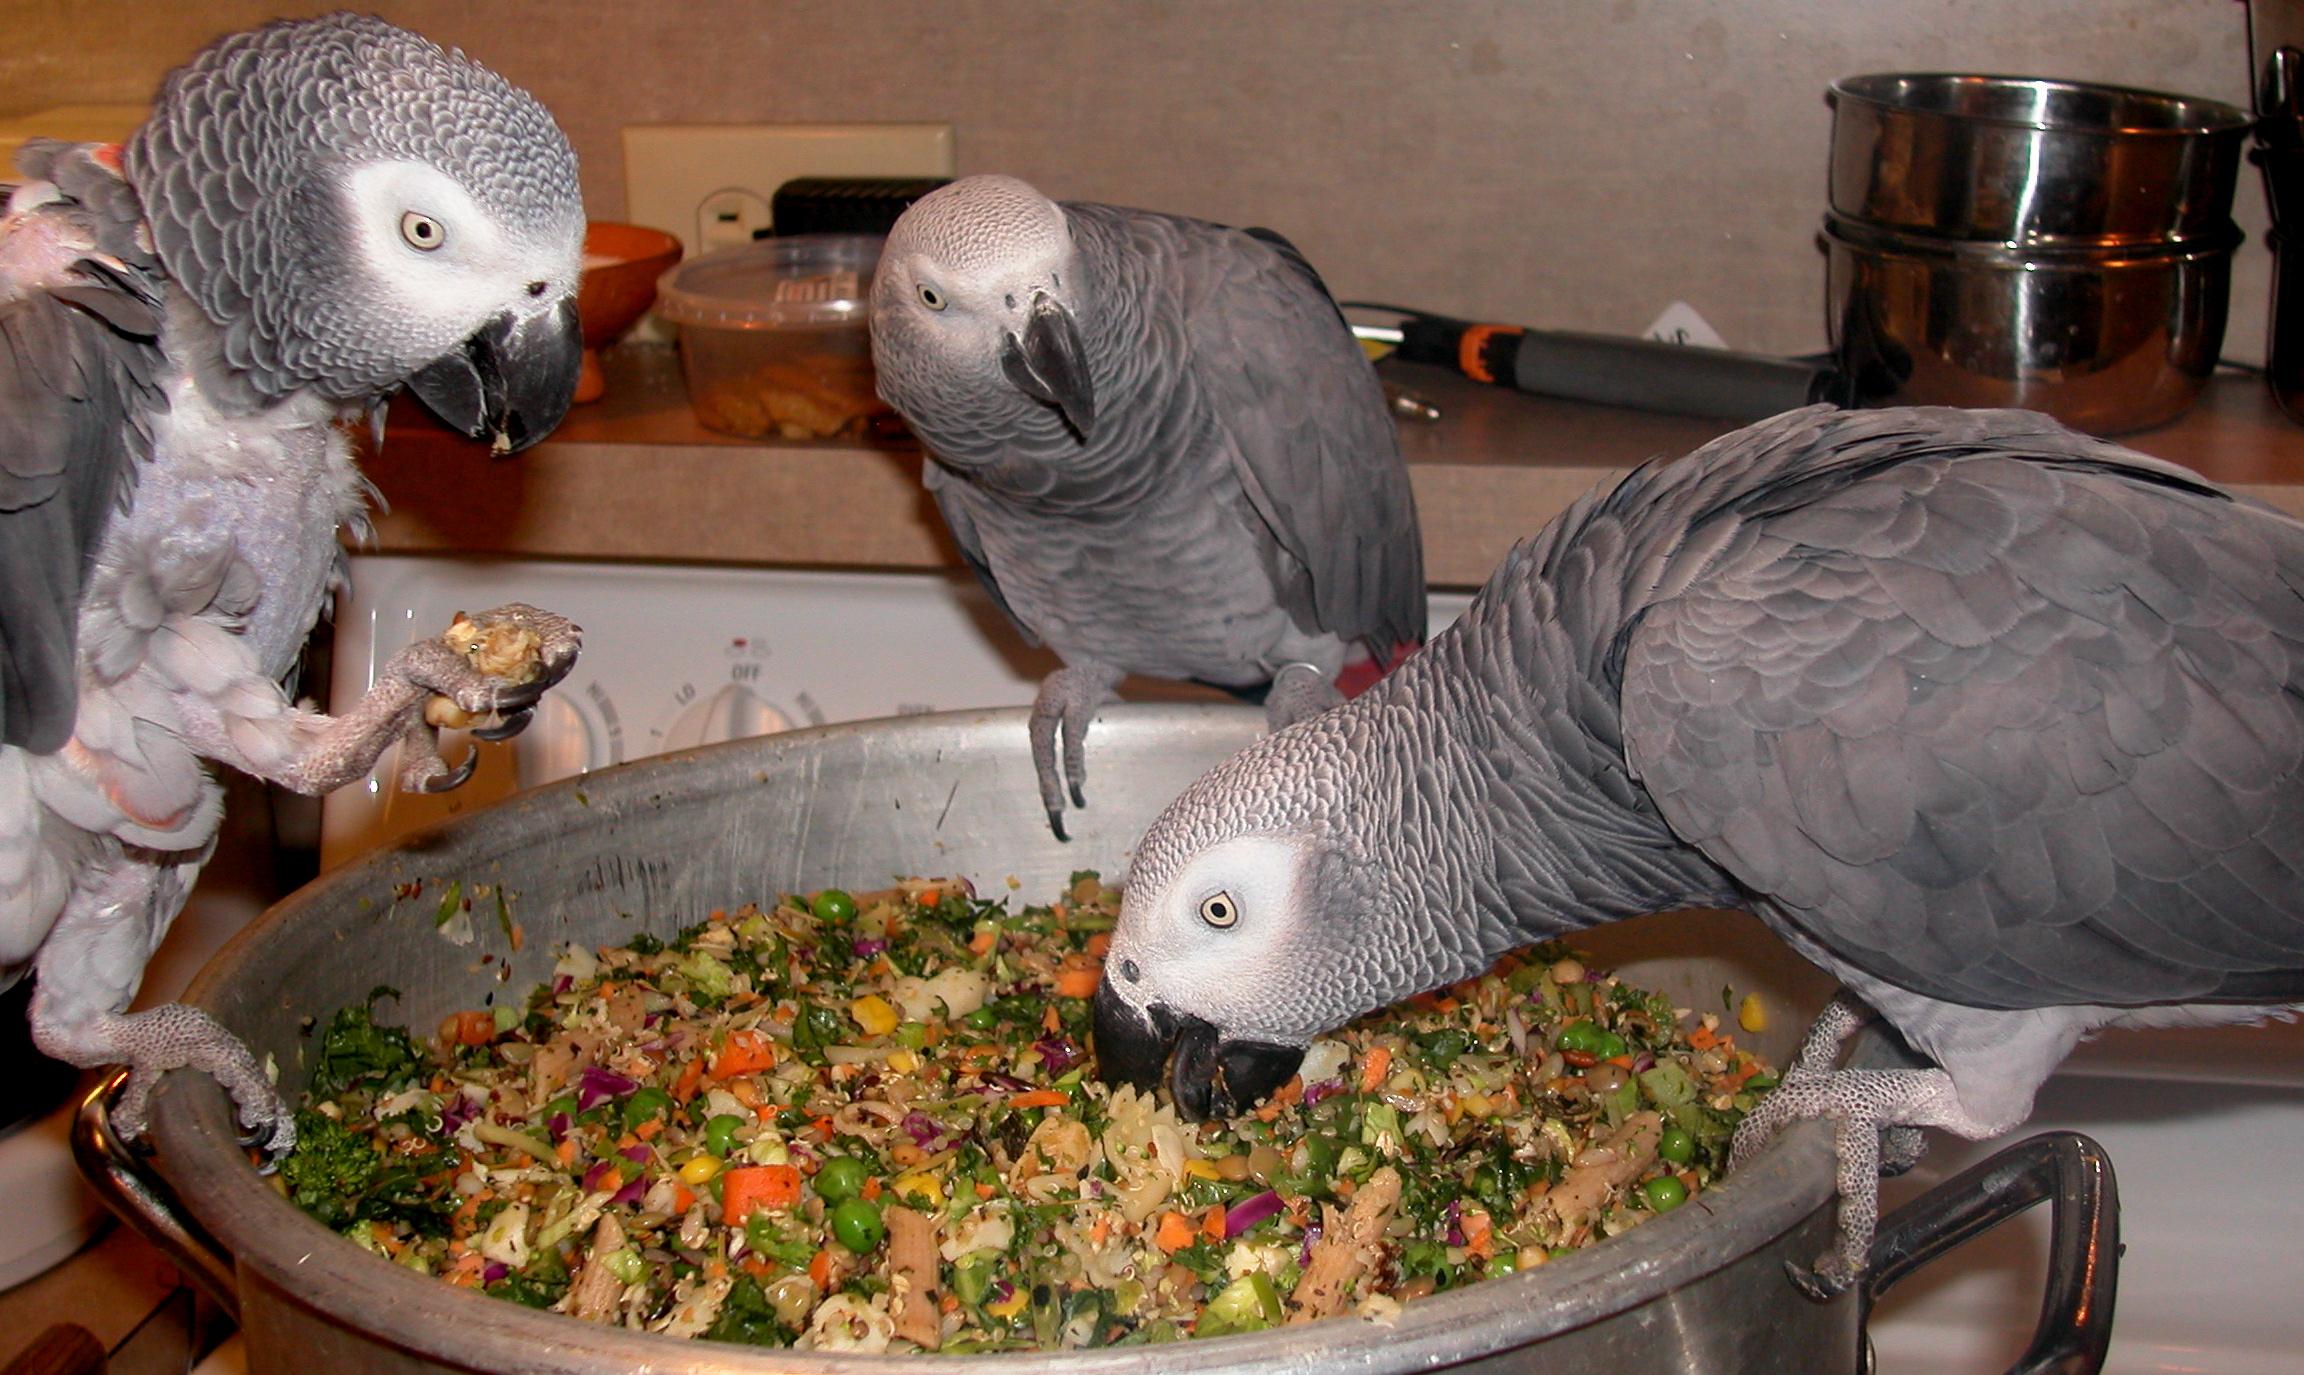 مضرات تخمه خوردن طوطی عادت غذایی ترک آموزش تغییر